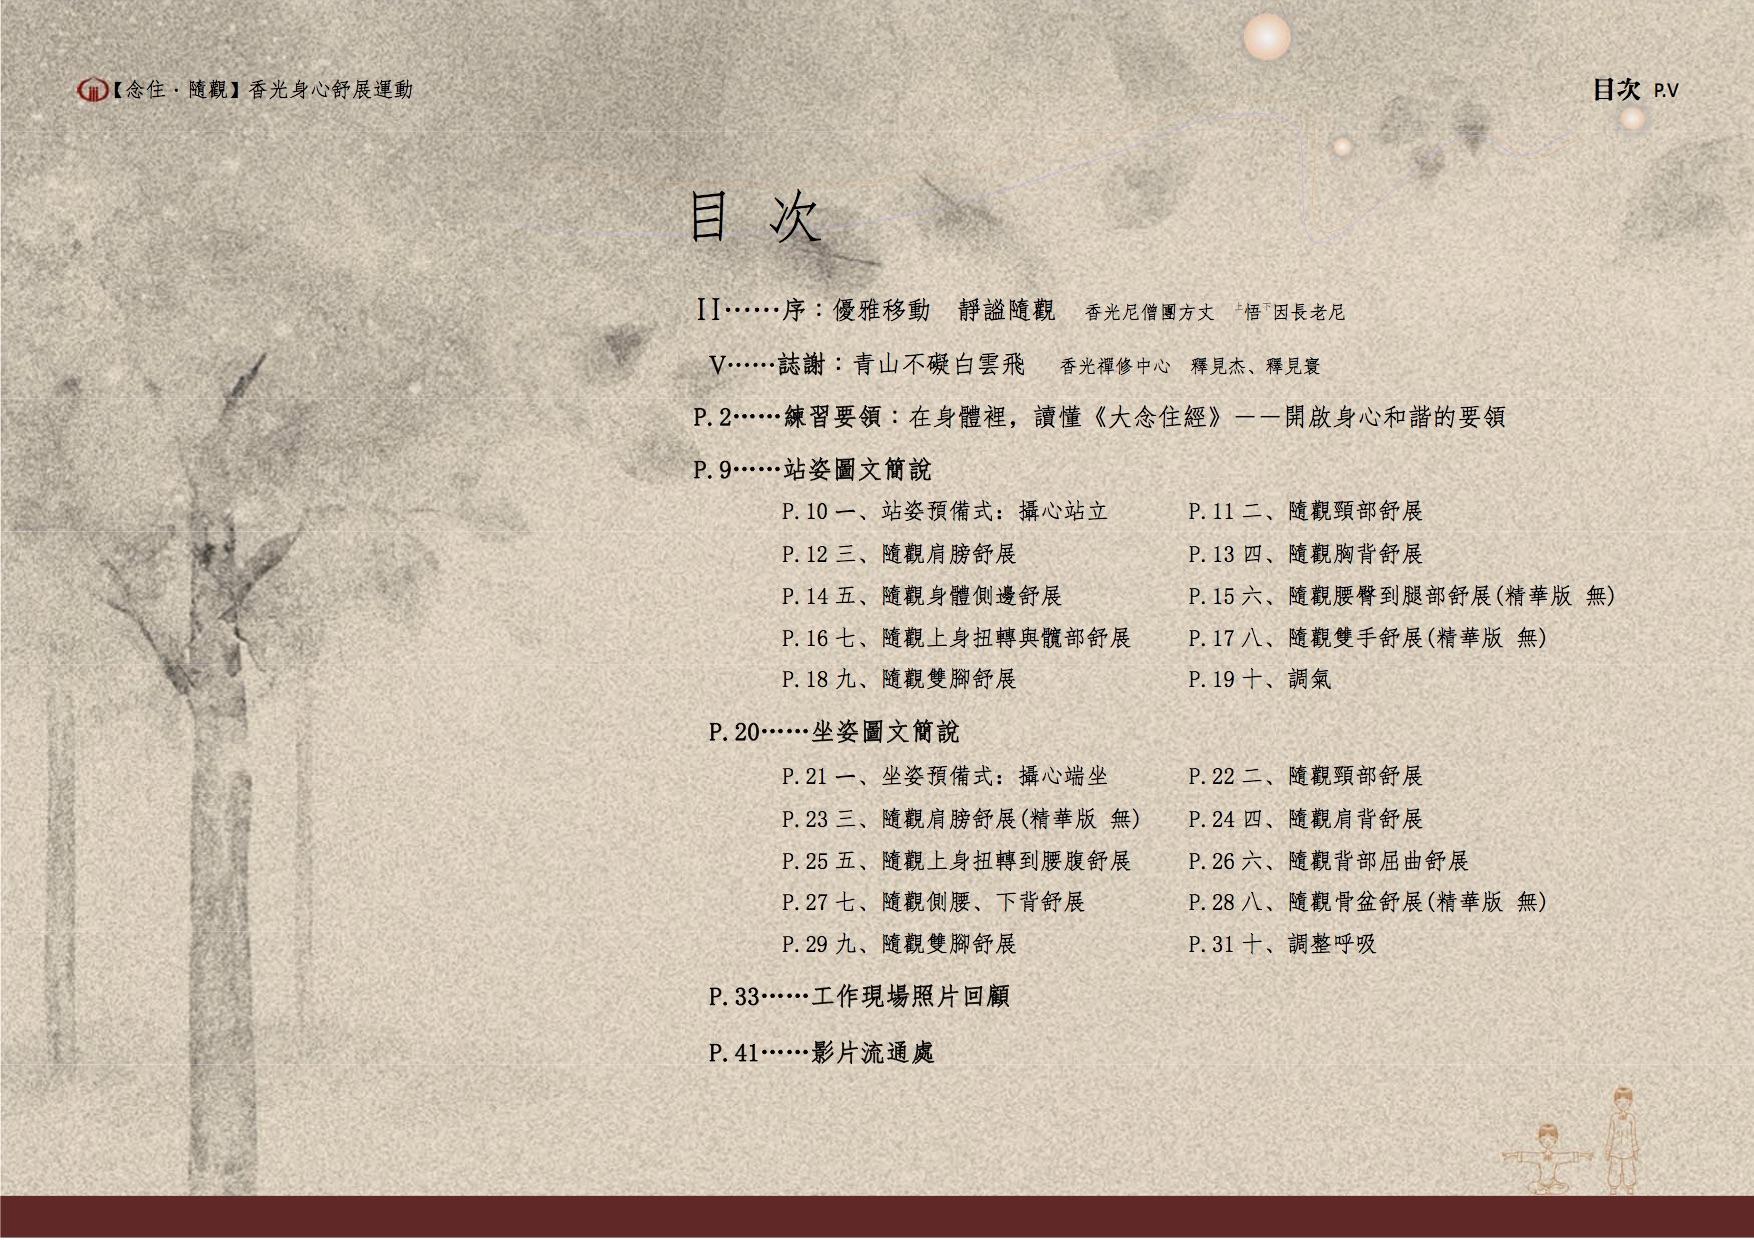 C1-book-11